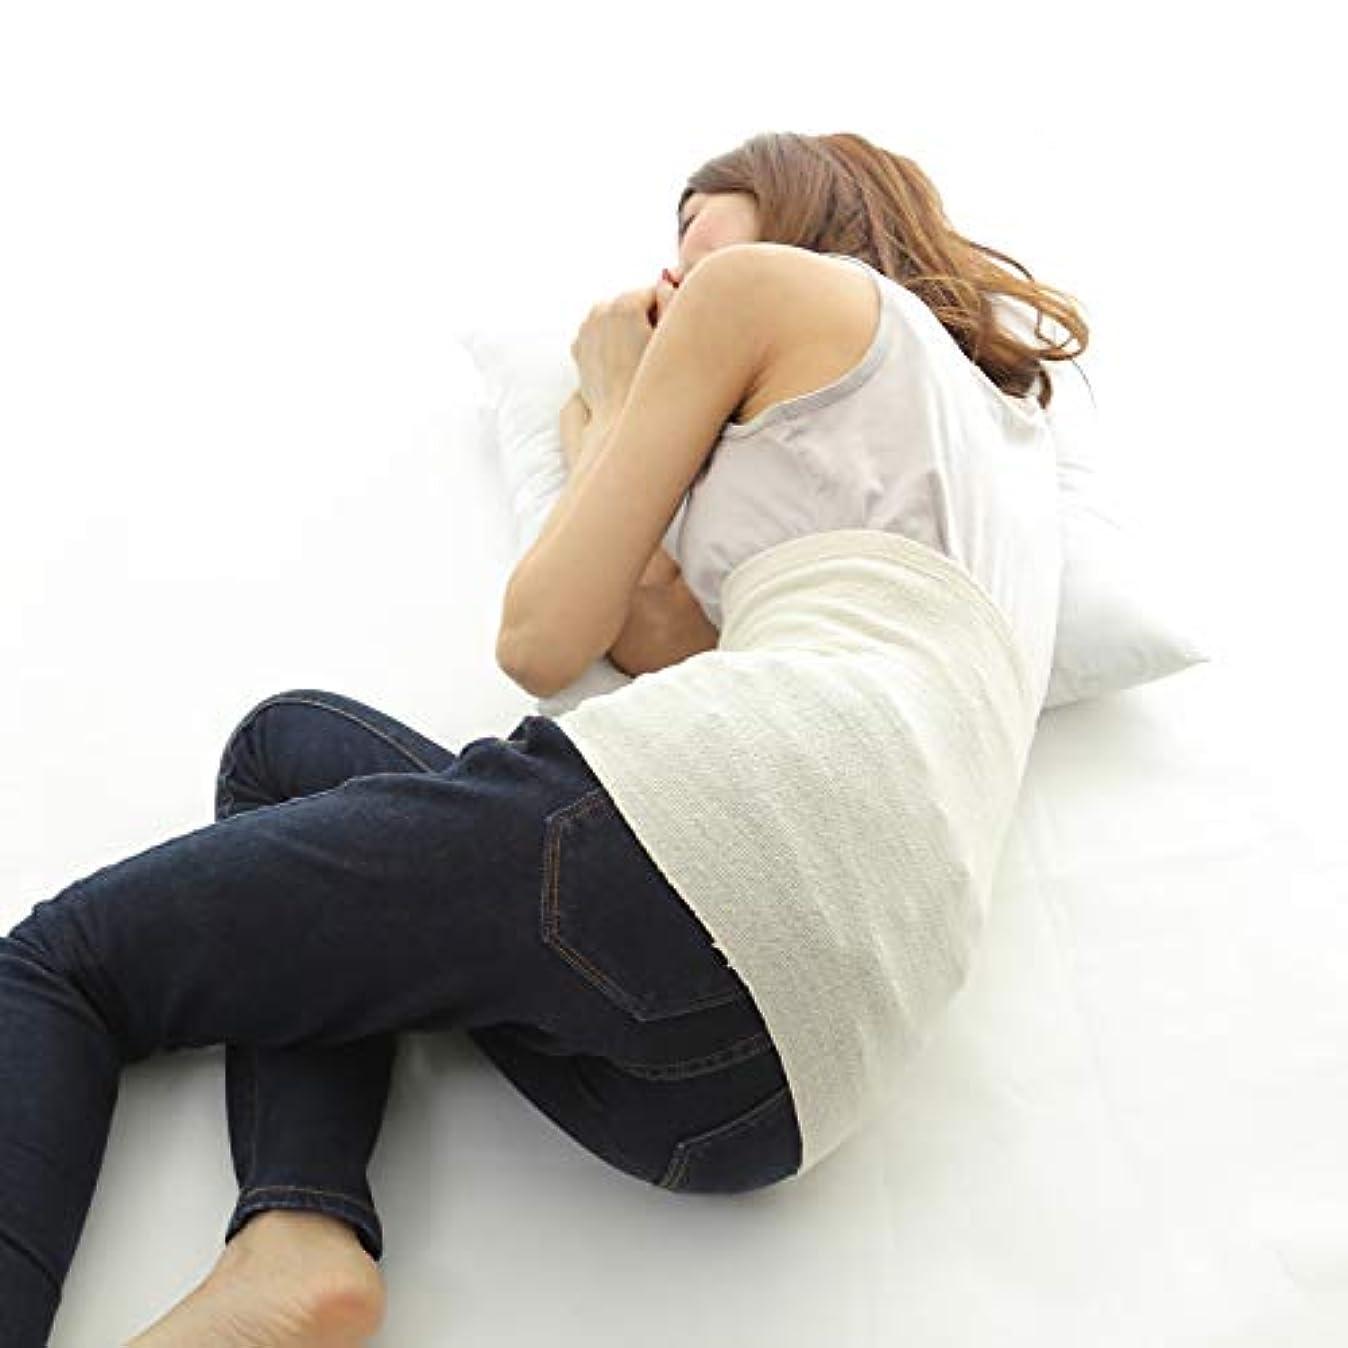 即席非互換好きNANA シルク80%腰痛サポーター 腹巻き 冷え性対策 冷え取り 薄手 腰痛緩和 腰痛改善 温め しっとり 柔らか レディース メンズ フリーサイズ